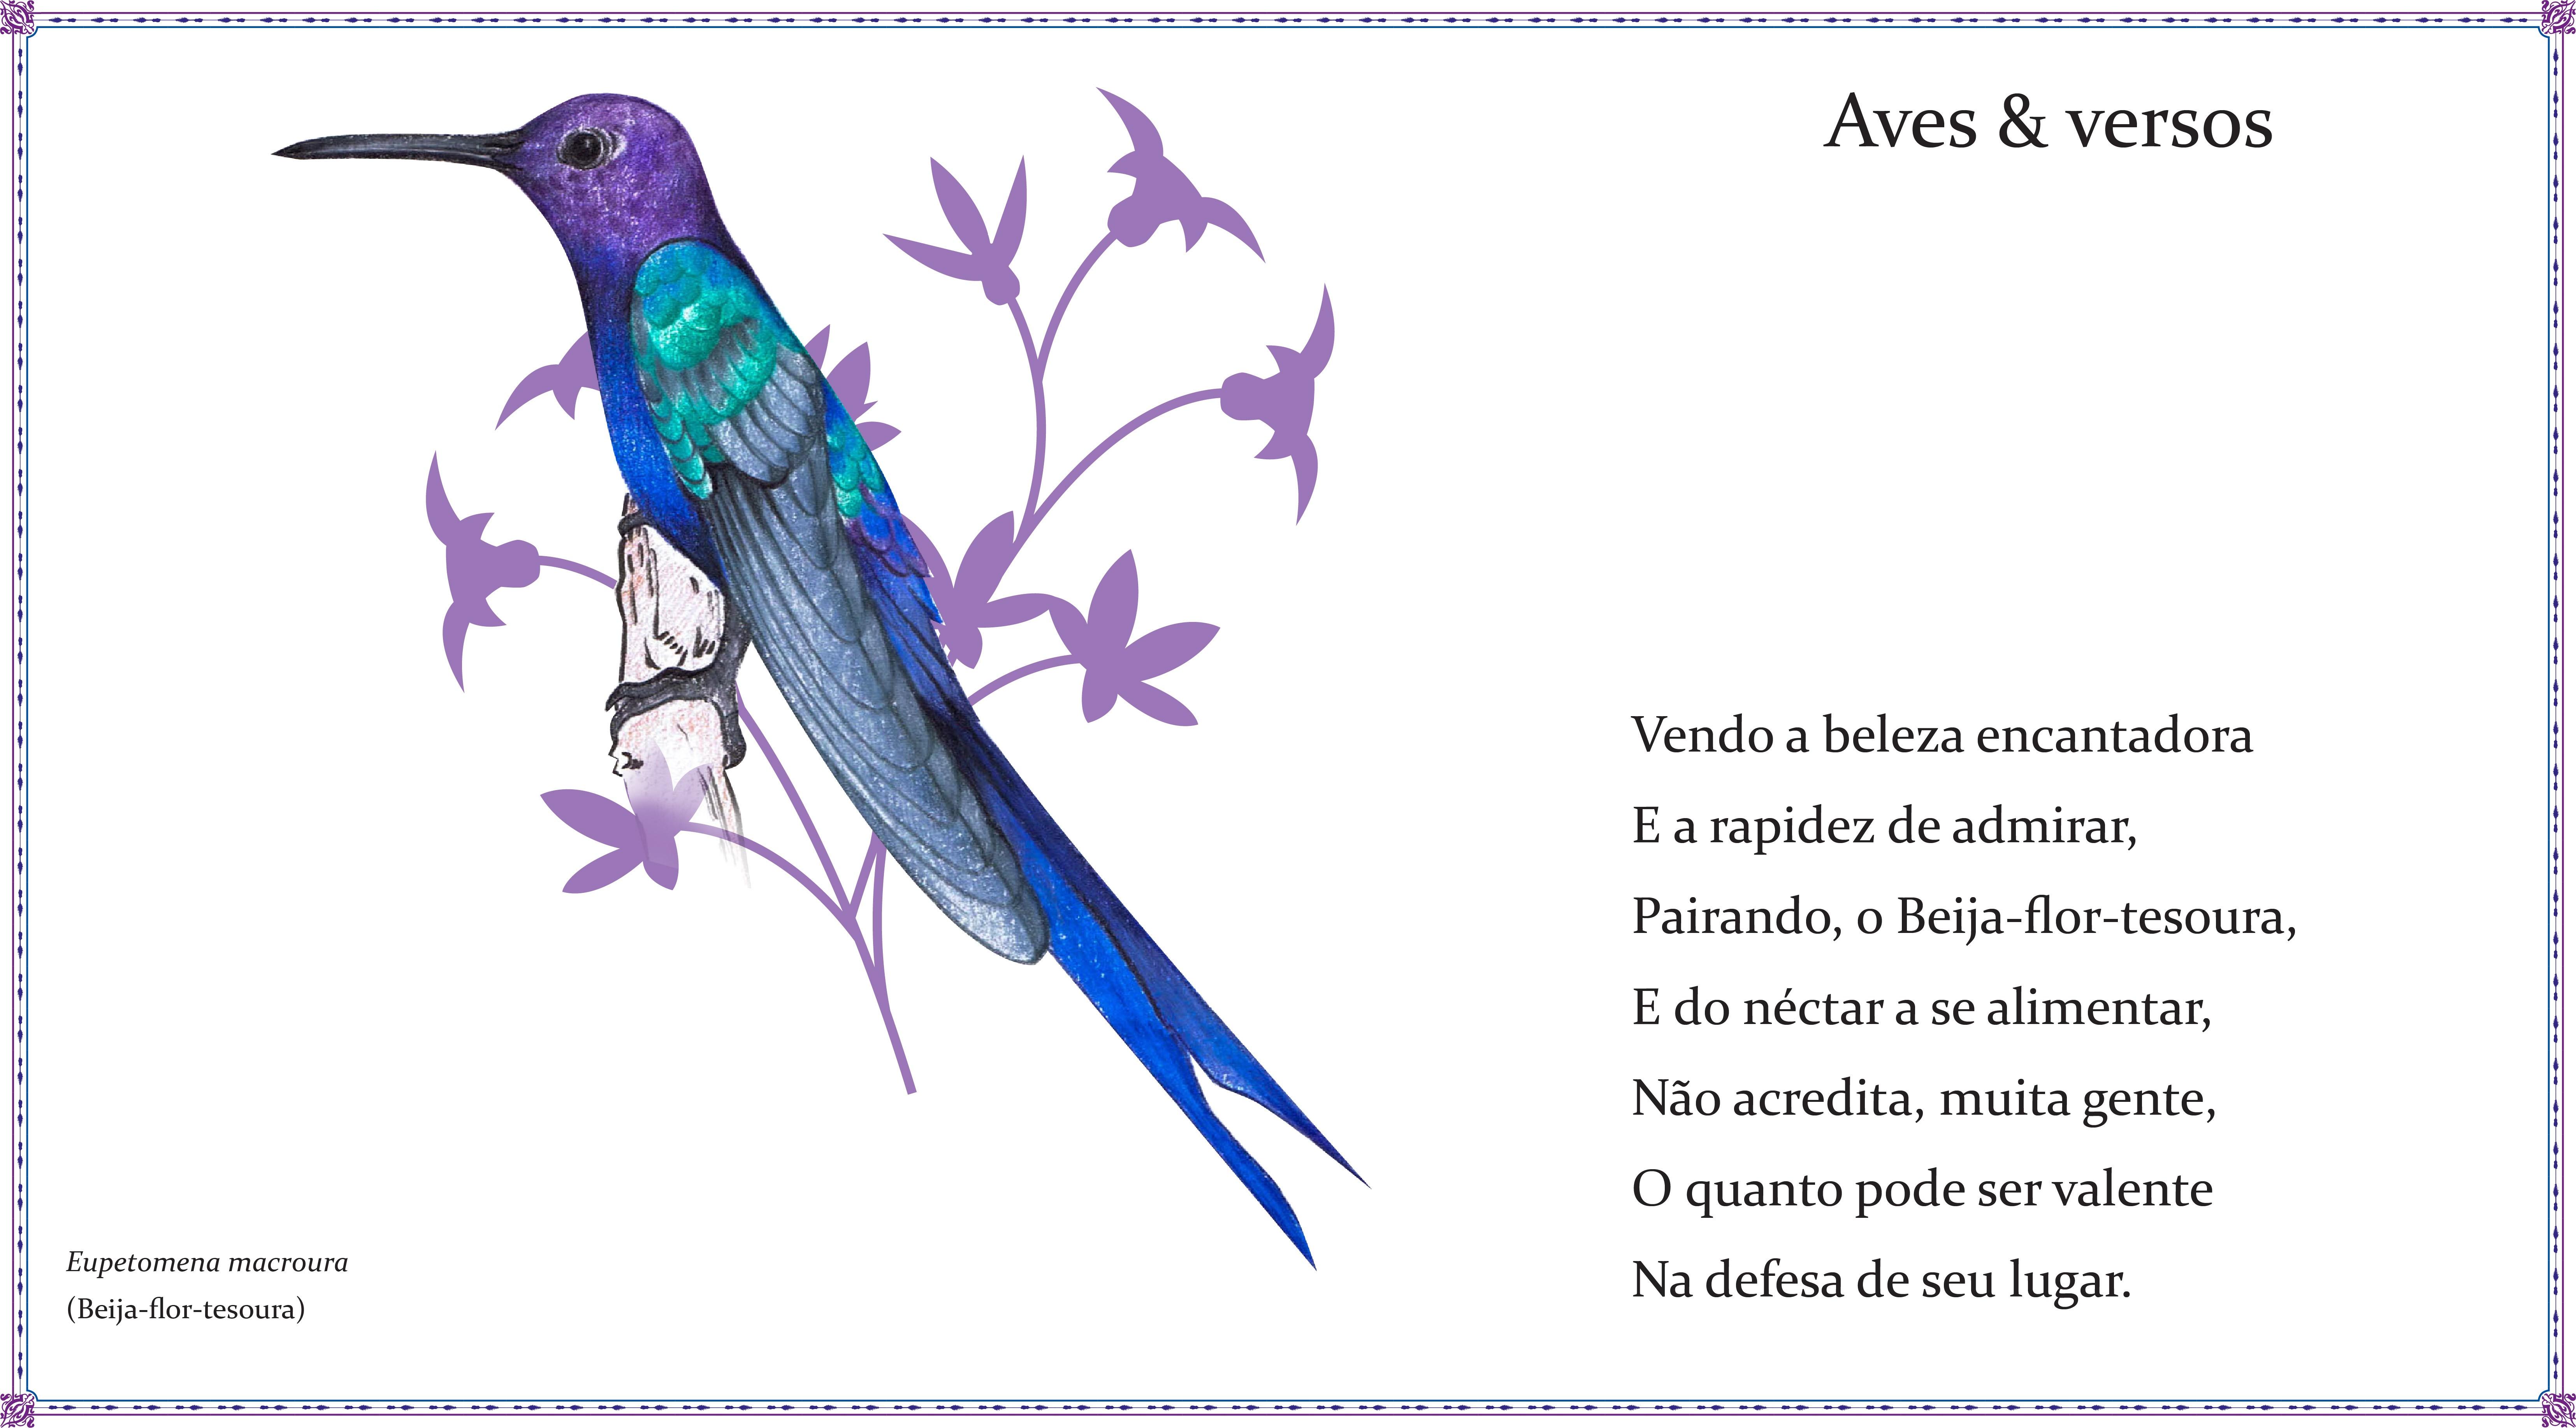 Amigos fazem poesias e ilustrações para homenagear as aves do Brasil